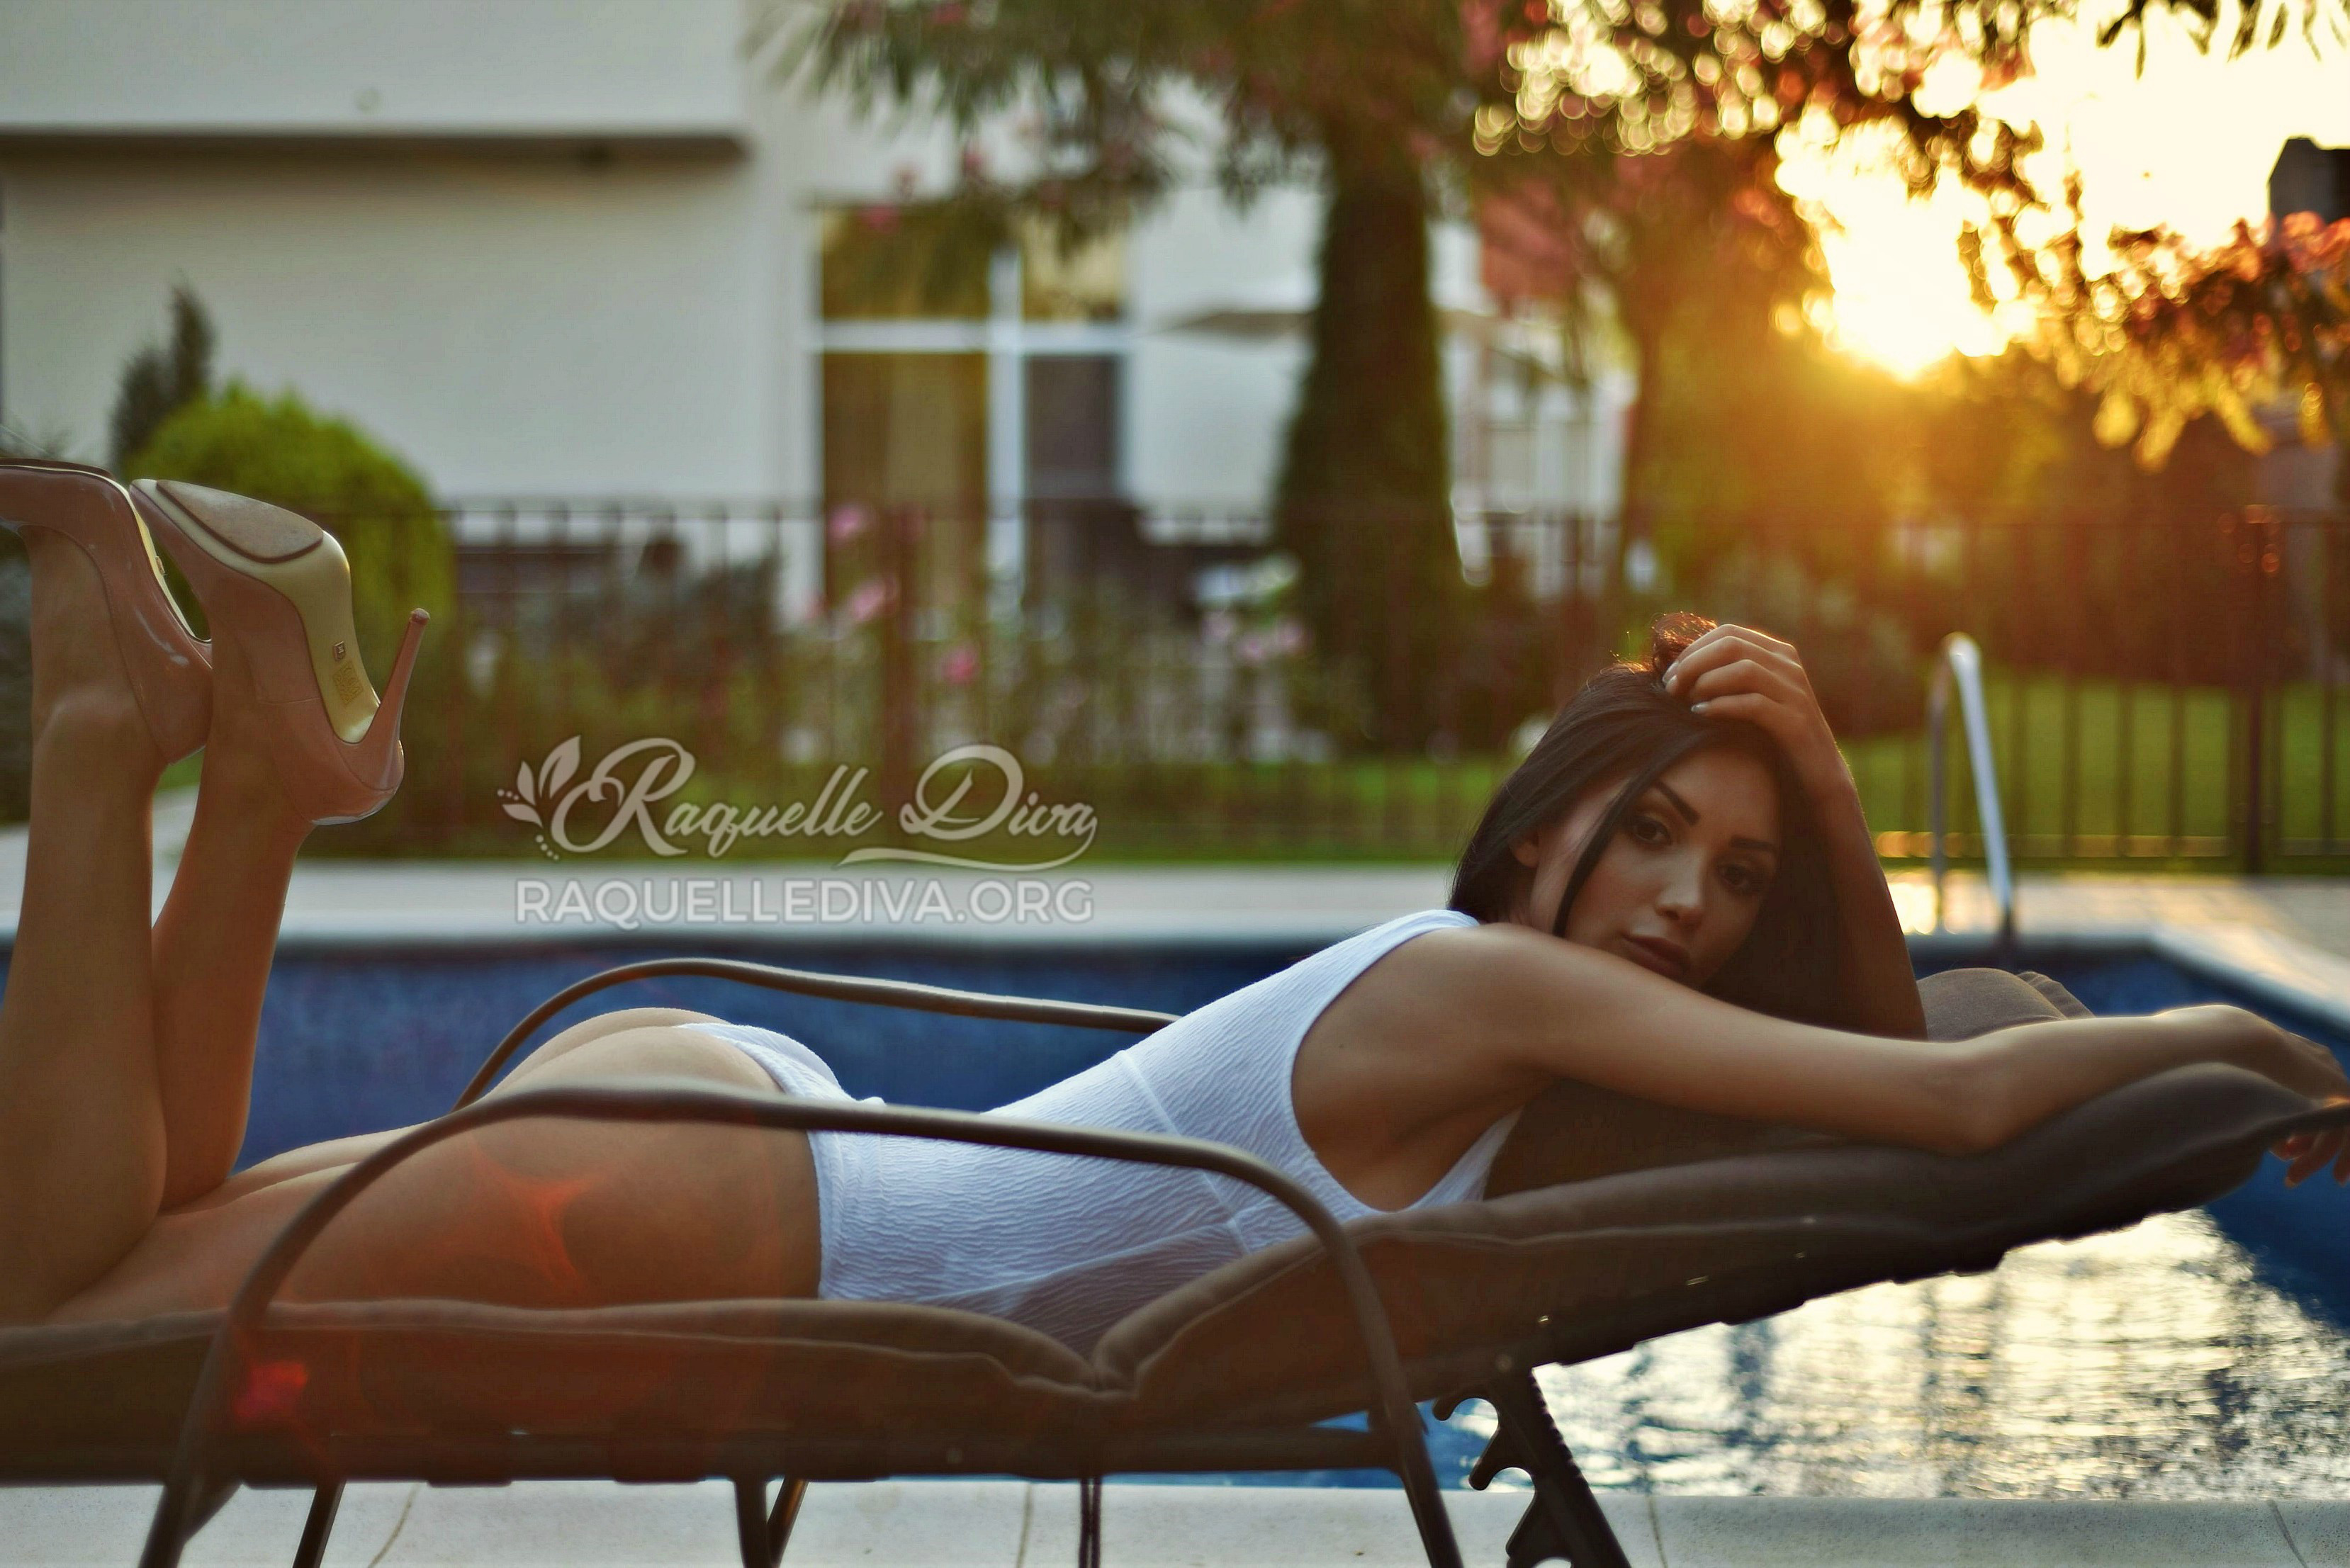 Raquelle Diva